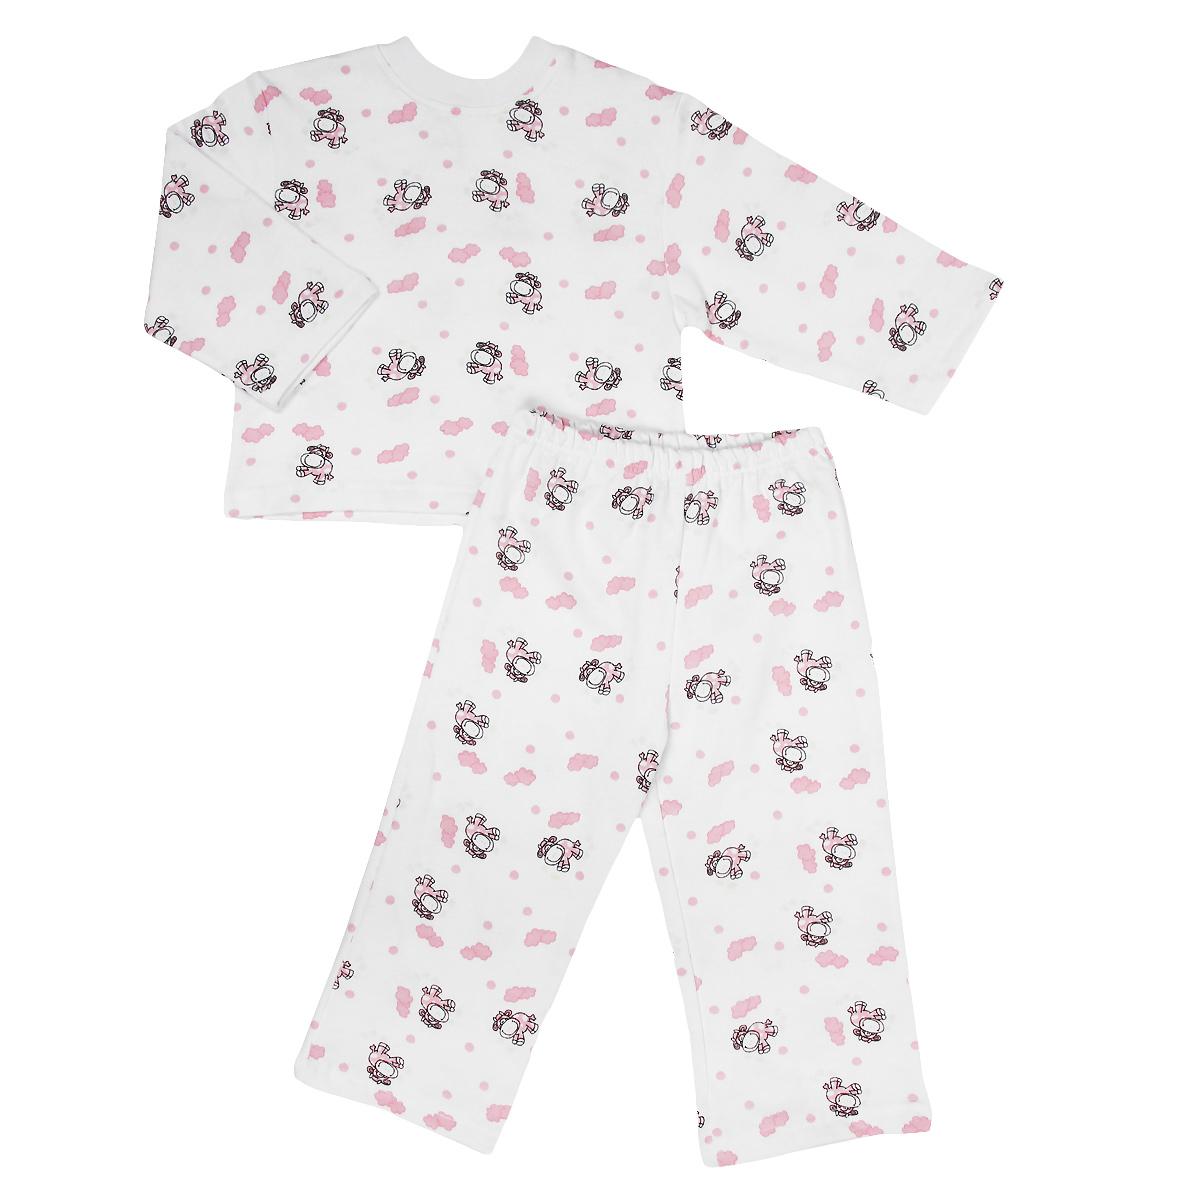 Пижама детская Трон-плюс, цвет: белый, розовый, рисунок коровы. 5553. Размер 110/116, 4-8 лет5553Яркая детская пижама Трон-плюс, состоящая из кофточки и штанишек, идеально подойдет вашему малышу и станет отличным дополнением к детскому гардеробу. Теплая пижама, изготовленная из набивного футера - натурального хлопка, необычайно мягкая и легкая, не сковывает движения ребенка, позволяет коже дышать и не раздражает даже самую нежную и чувствительную кожу малыша. Кофта с длинными рукавами имеет круглый вырез горловины. Штанишки на удобной резинке не сдавливают животик ребенка и не сползают.В такой пижаме ваш ребенок будет чувствовать себя комфортно и уютно во время сна.